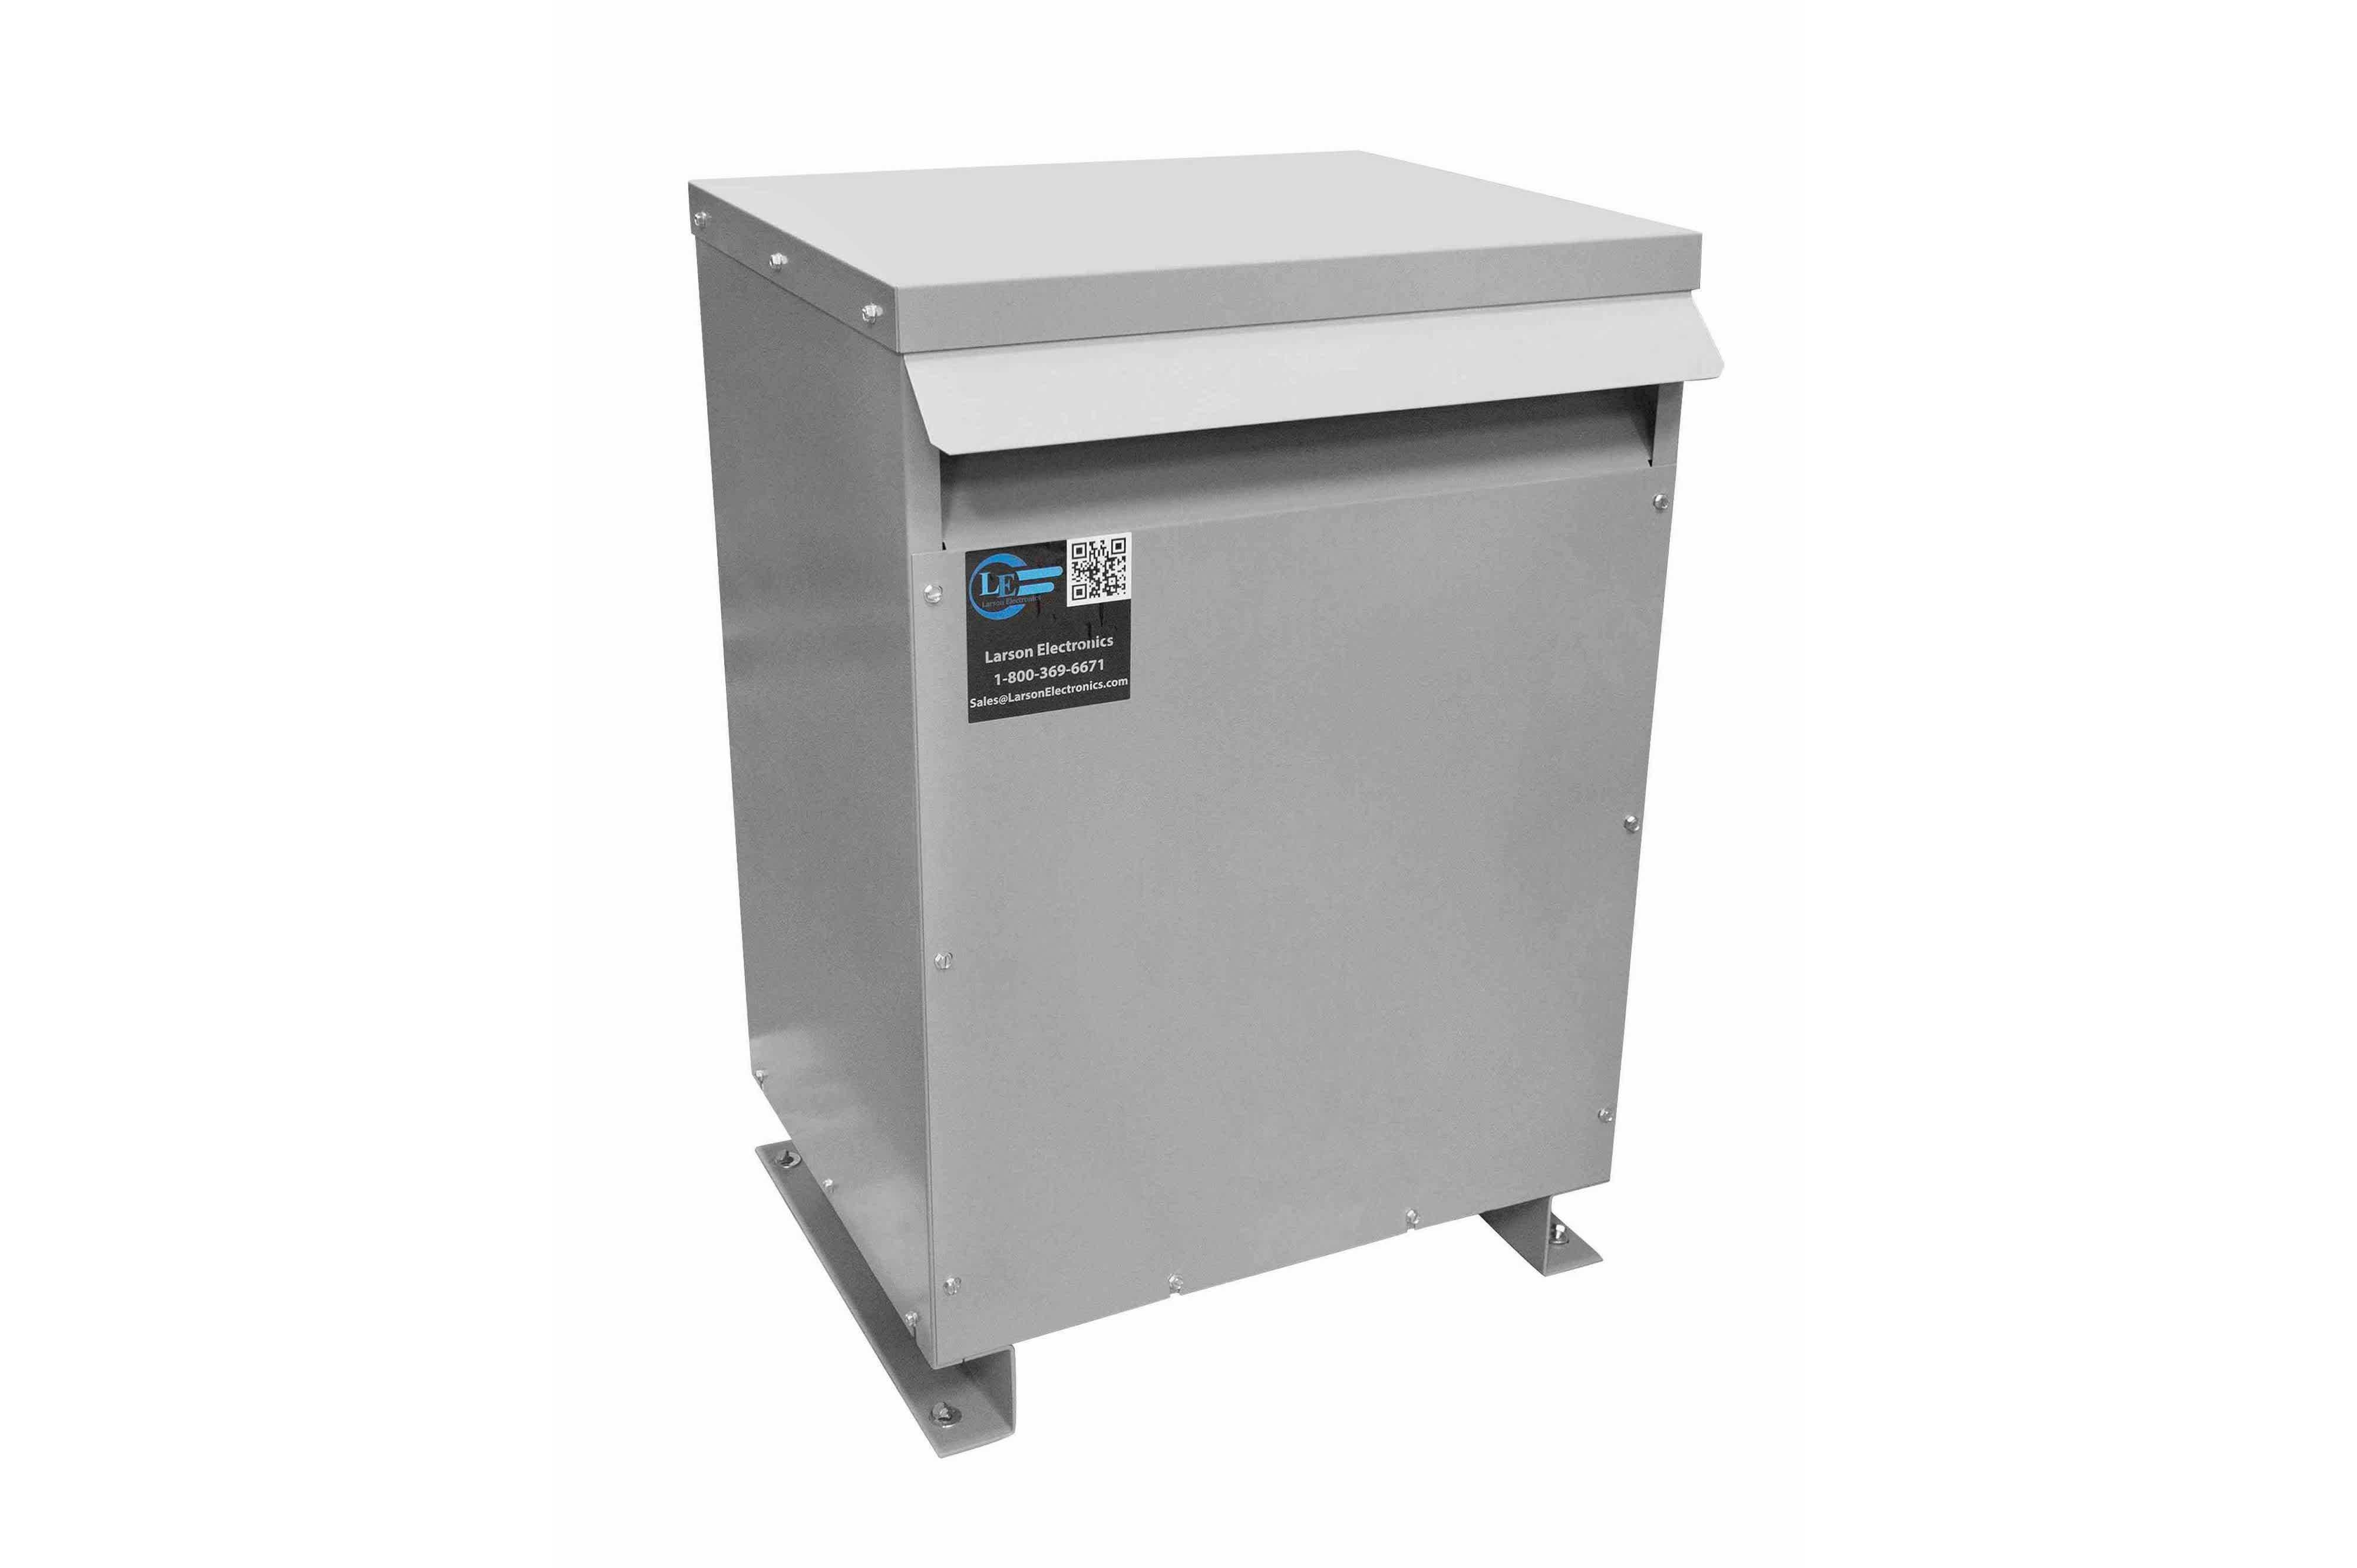 50 kVA 3PH Isolation Transformer, 415V Delta Primary, 600V Delta Secondary, N3R, Ventilated, 60 Hz